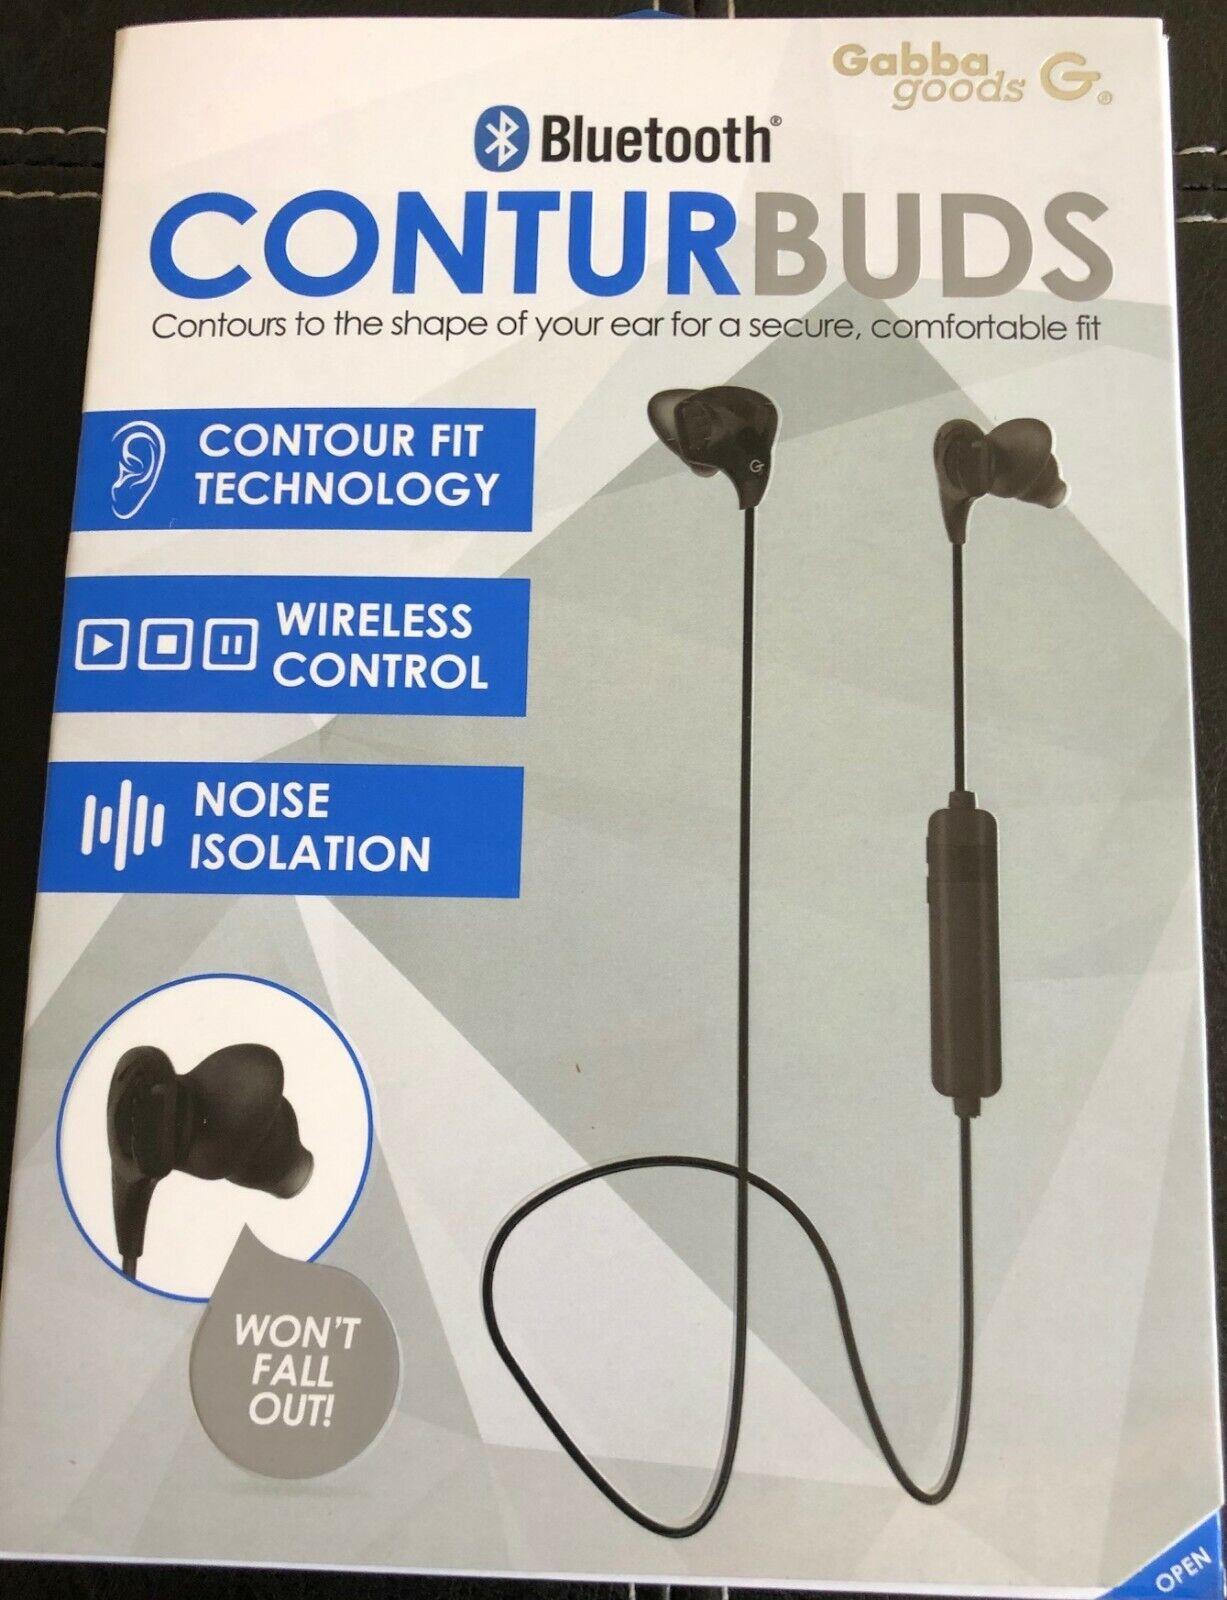 Consumer Electronics > Portable Audio & Headphones > Headpho